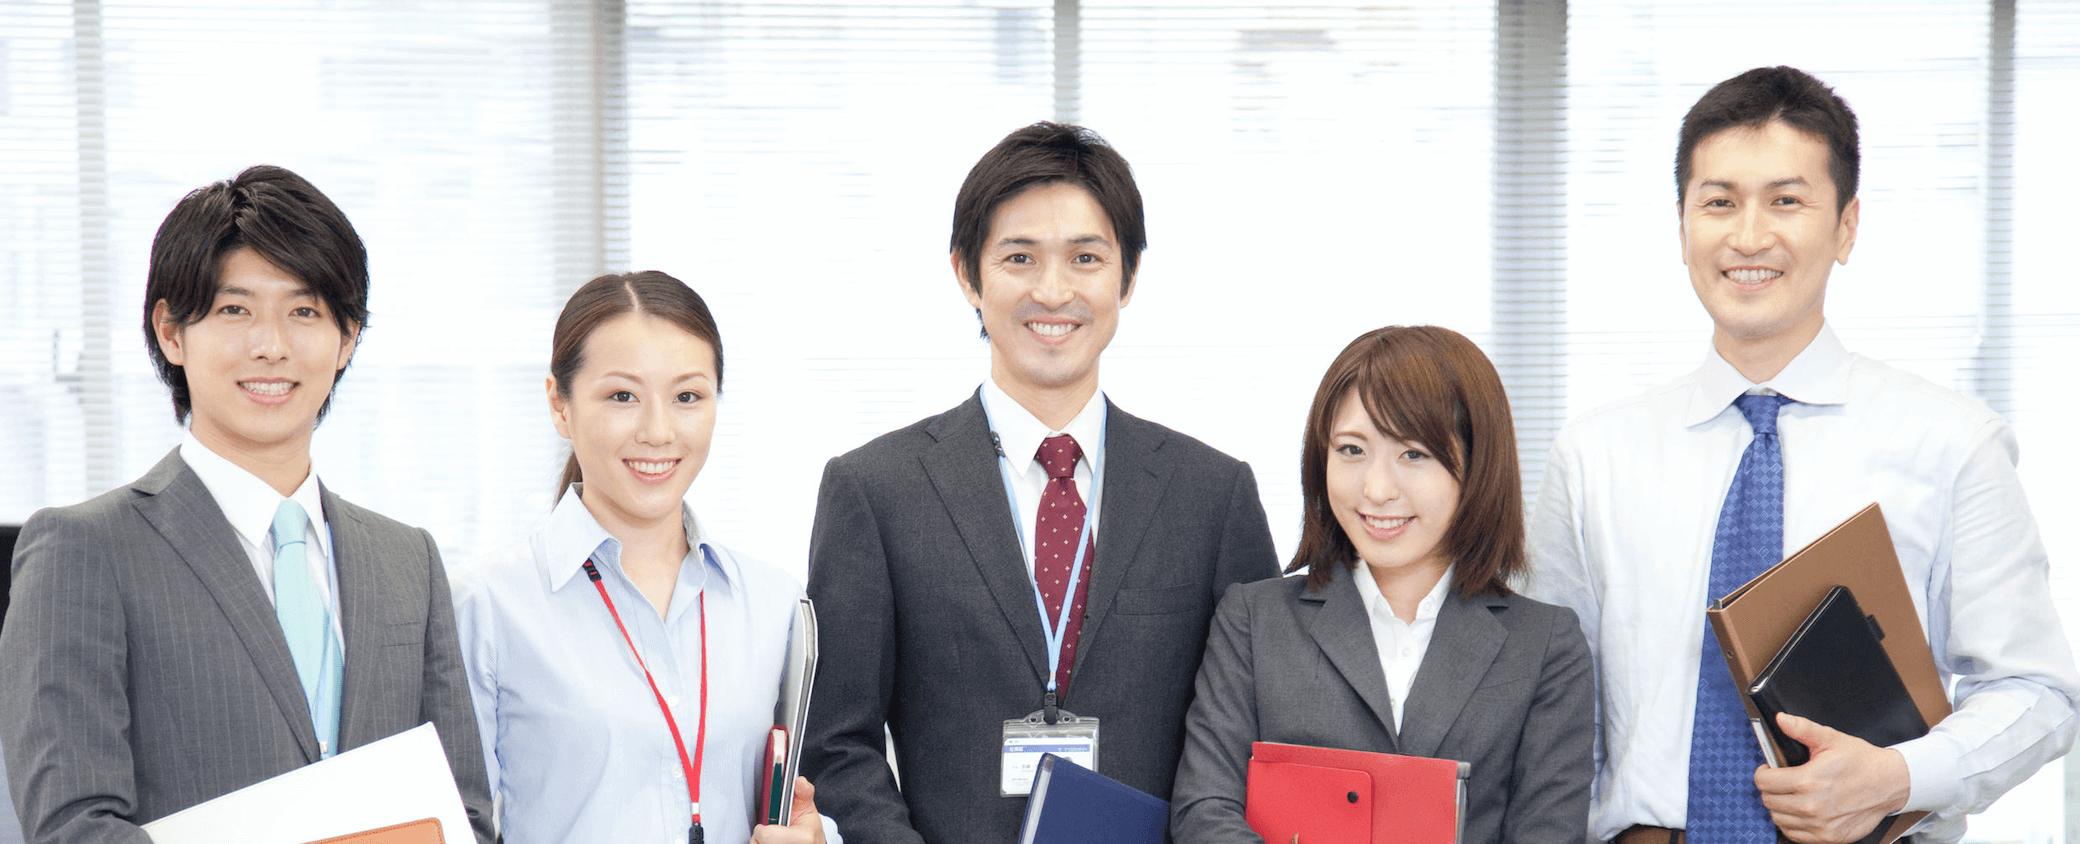 社会保険労務士事務所:東京都(代表者名入り)のリストを販売開始いたしました。